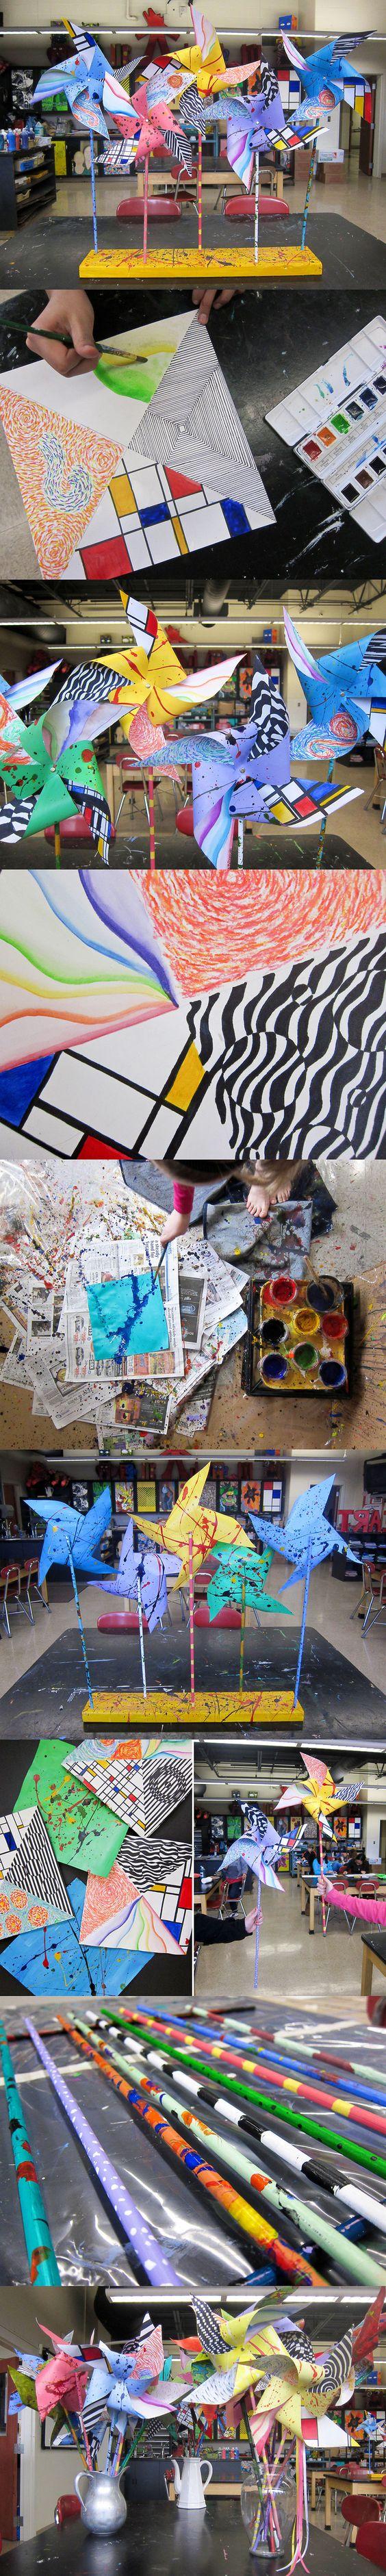 pinwheels: Artist Style, Art Class, Kids Art Project, Abstract Artists